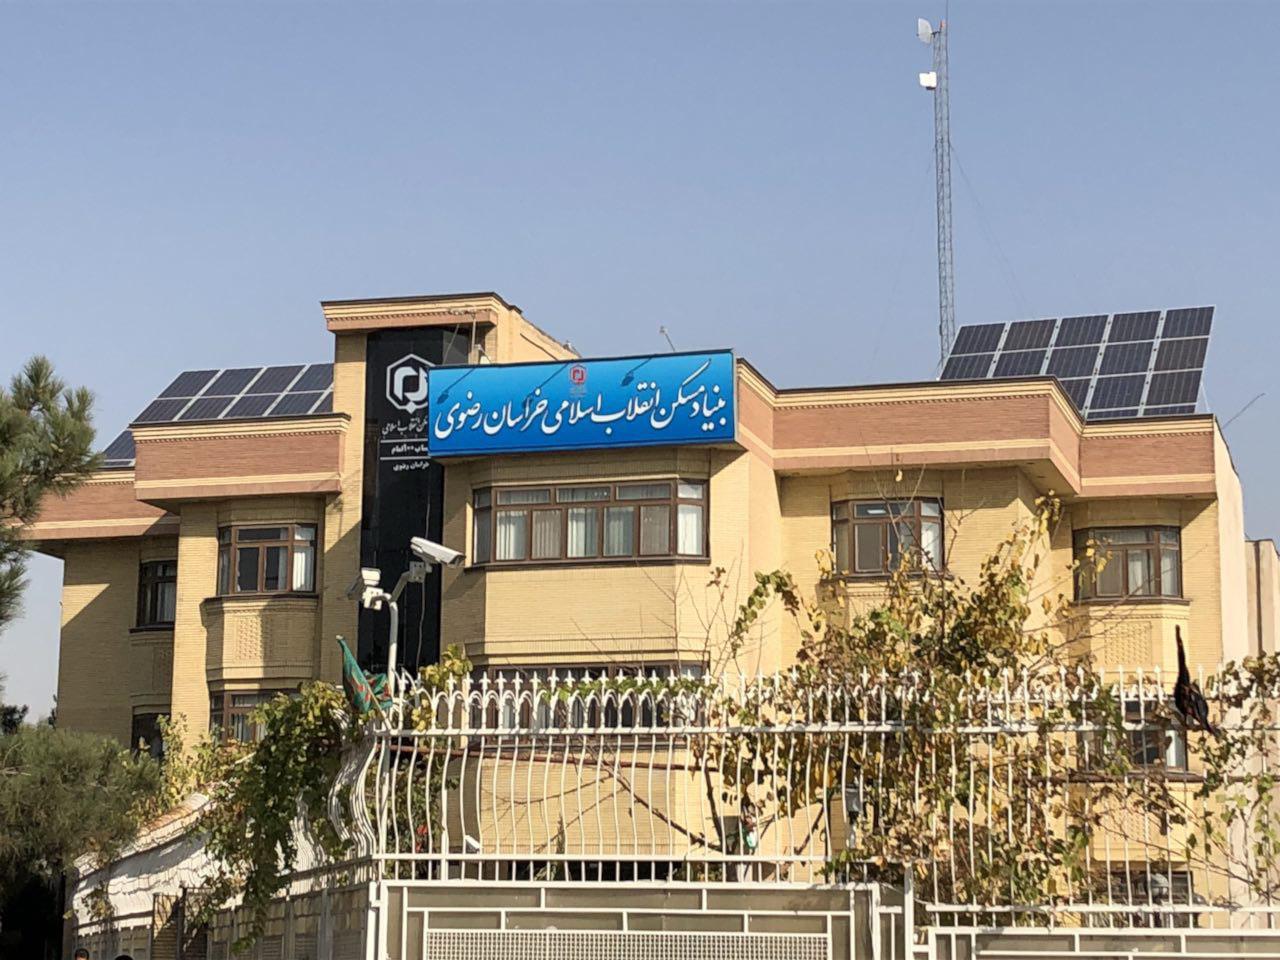 نیروگاه خورشیدی ارگان دولتی